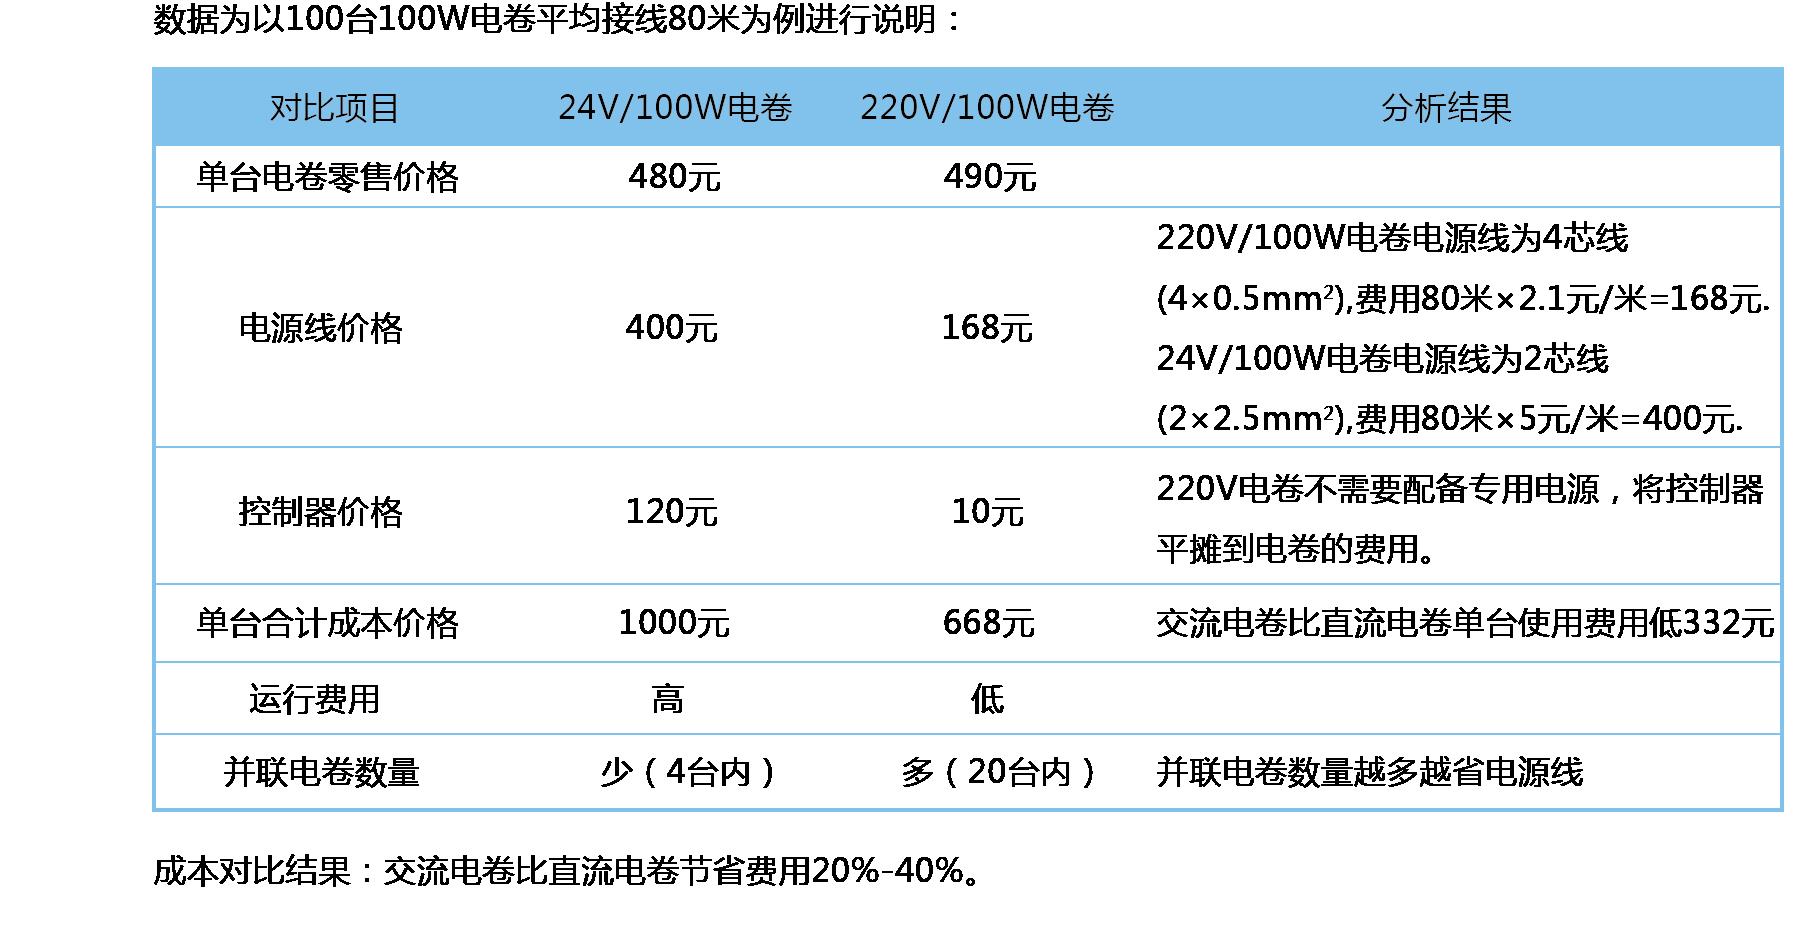 24V和220V对比表-21.png